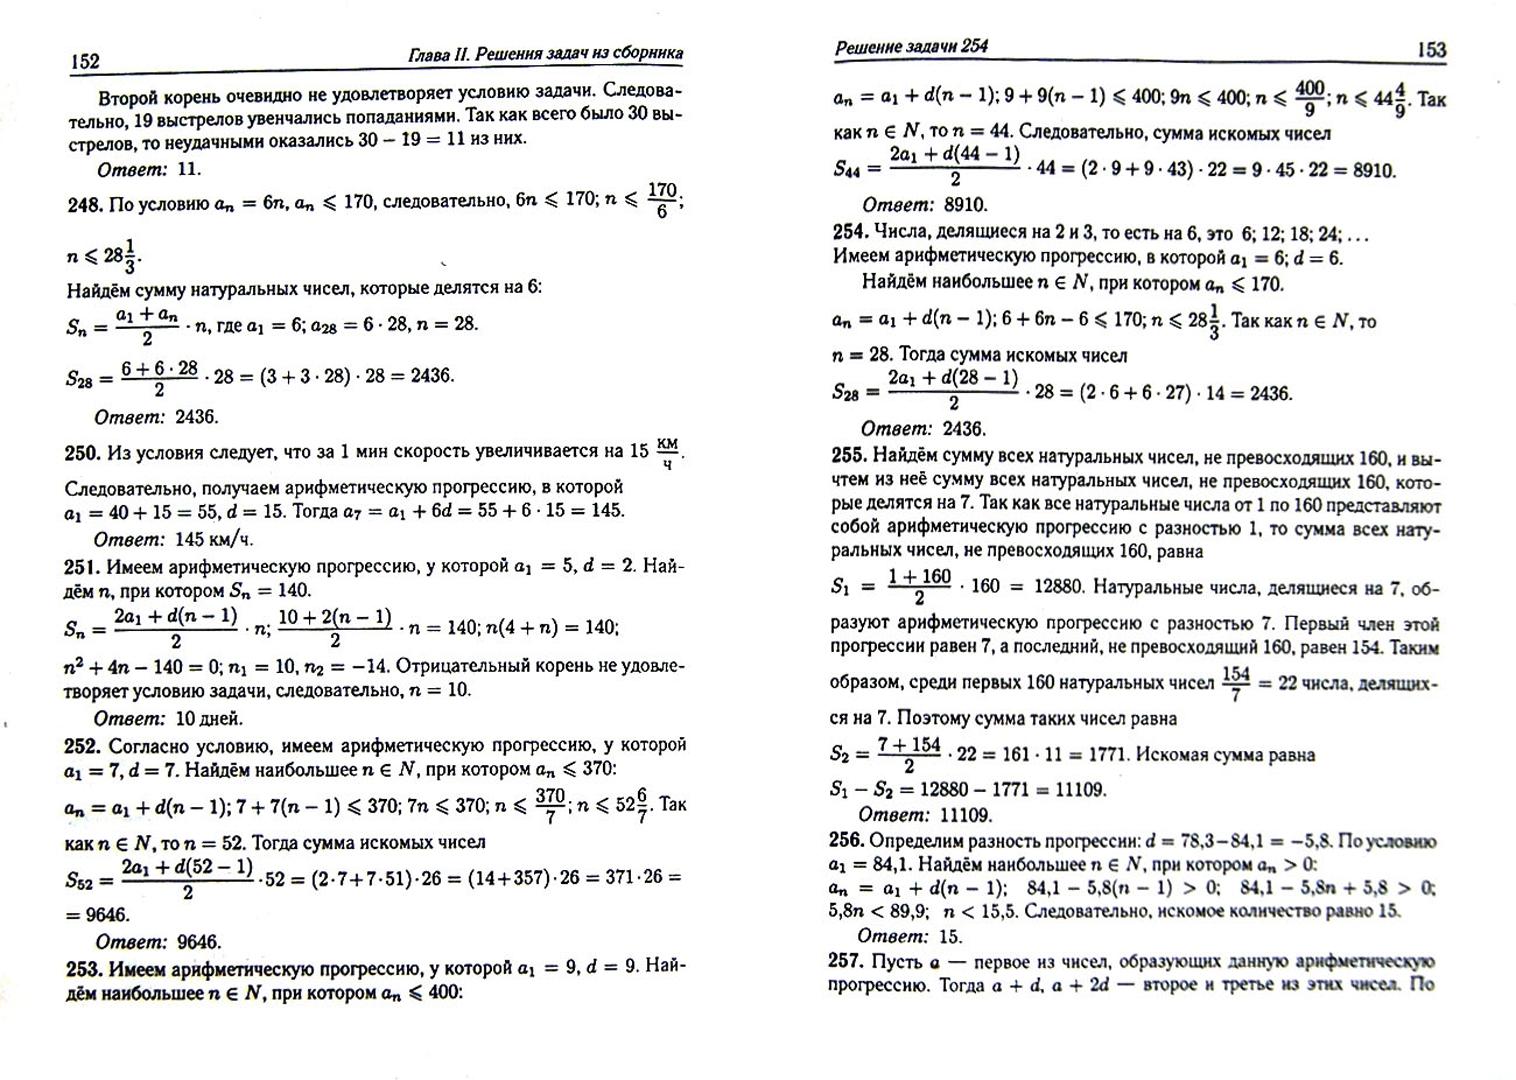 Решение задачи 19 гиа математика дидактический материал решение задач 1 класс